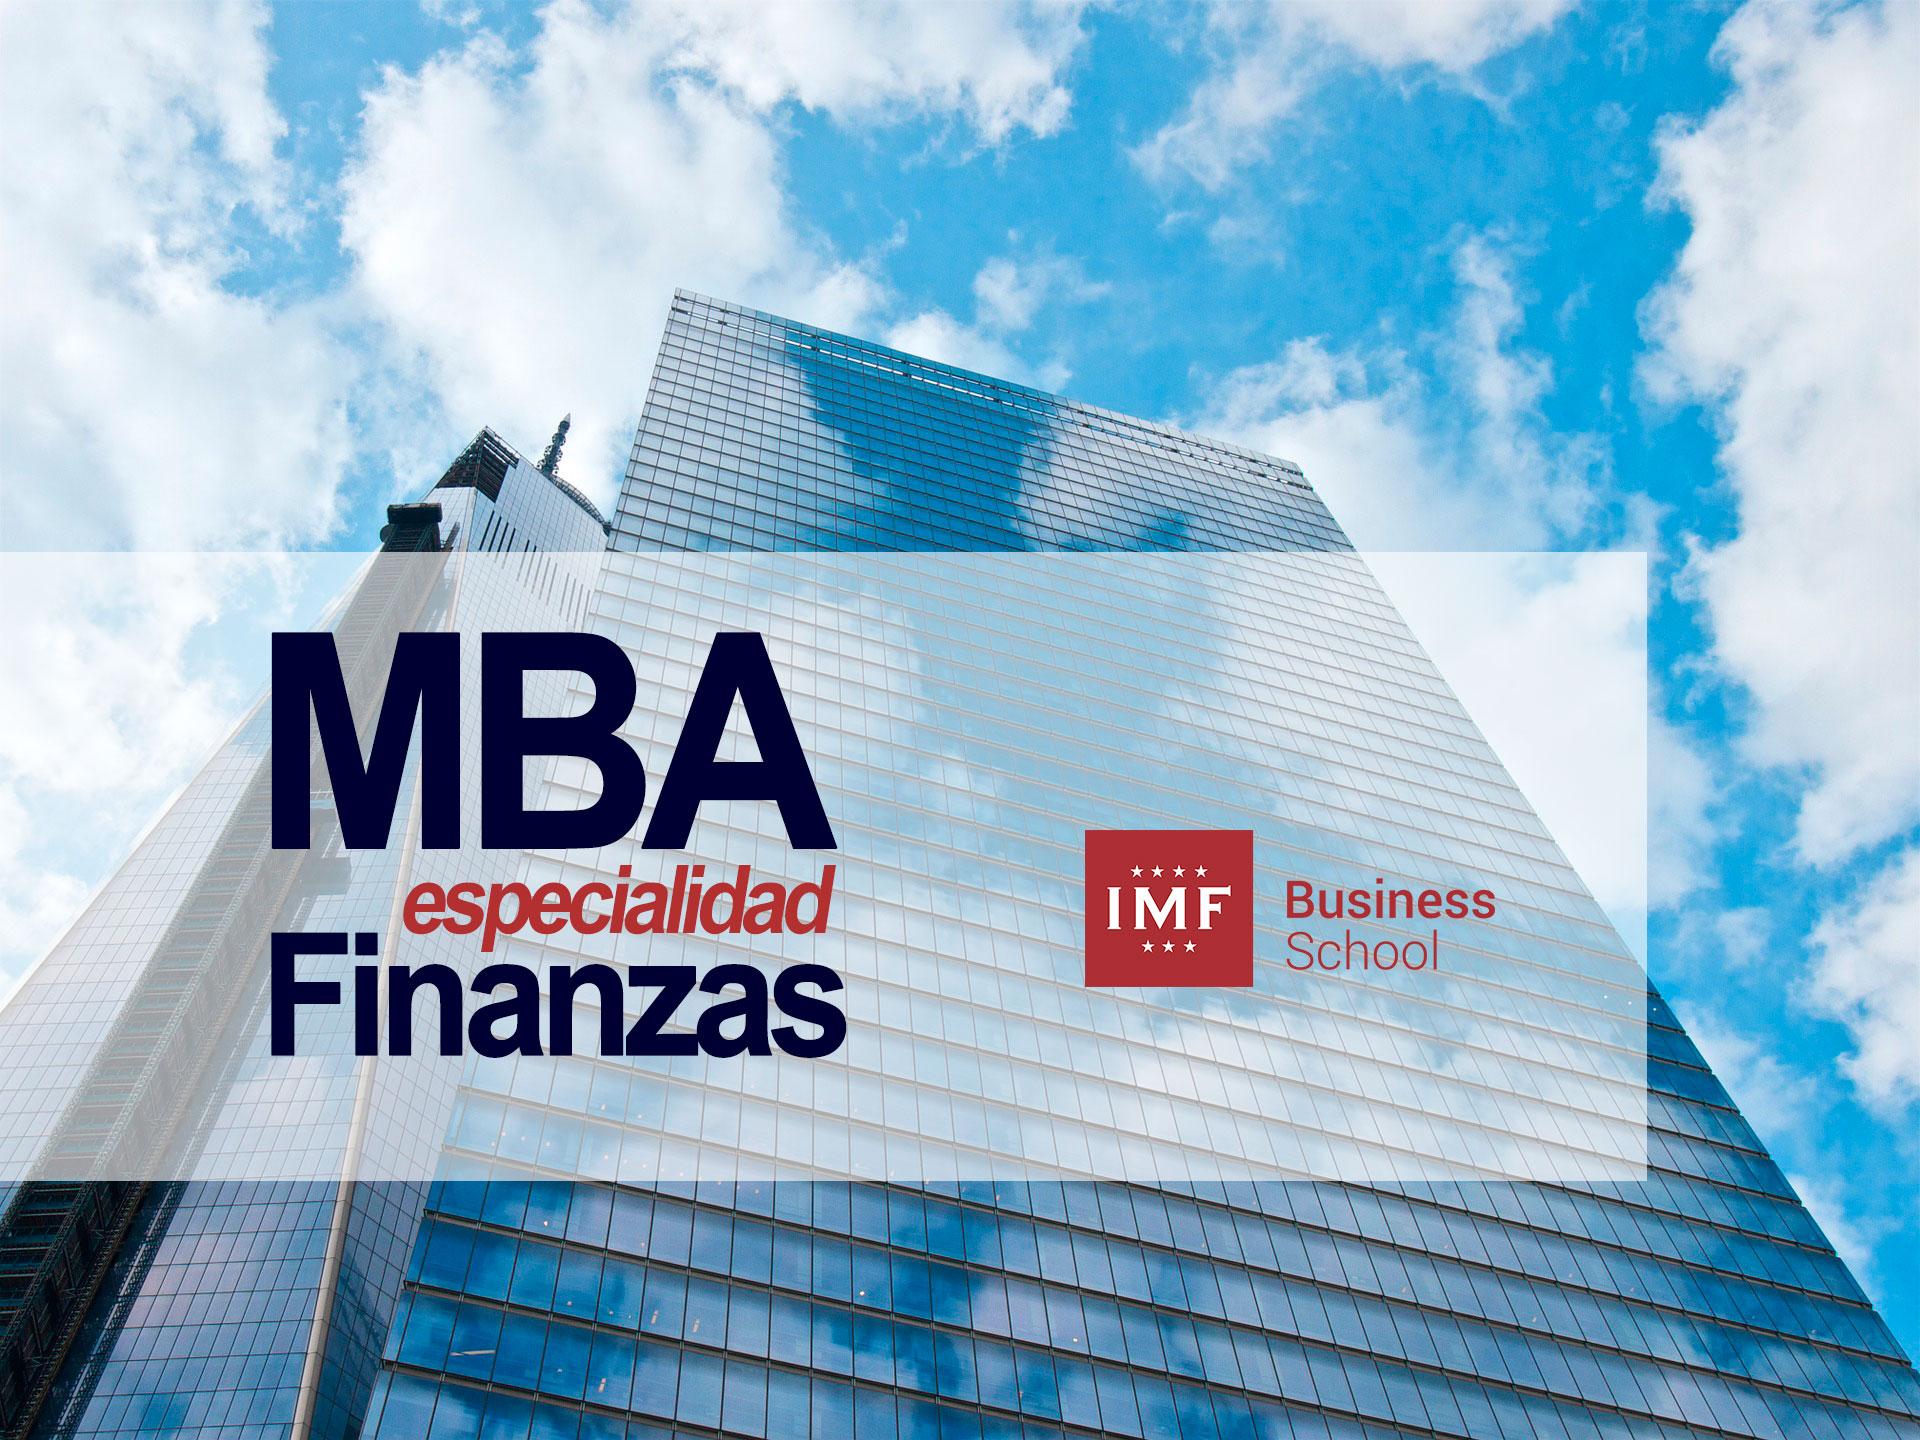 MBA especialidad de finanzas